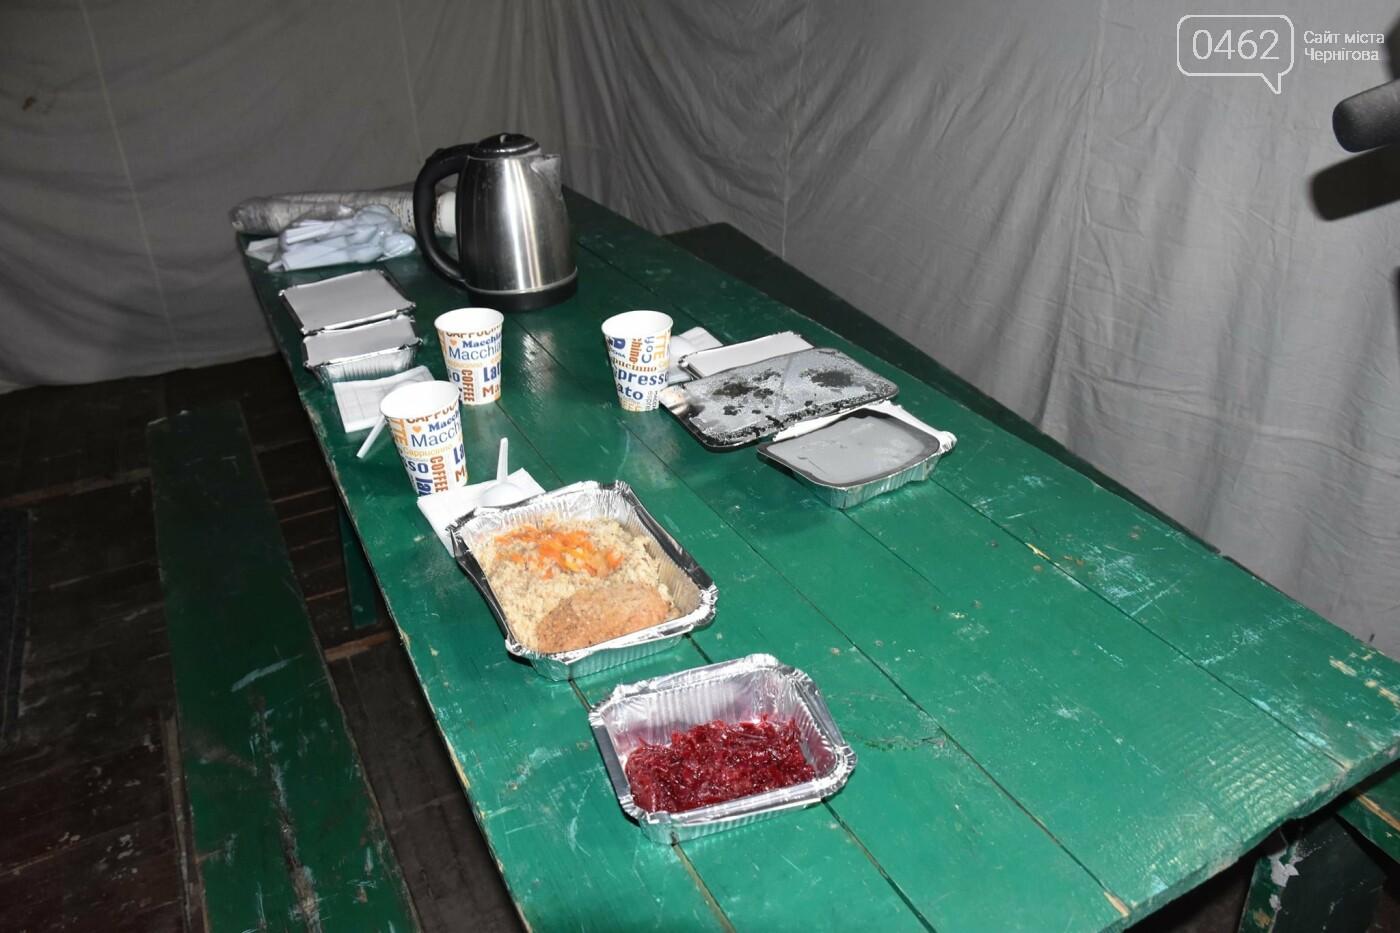 У Чернігові очікуються морози. Пункти обігріву готові приймати тих, кому холодно, фото-1